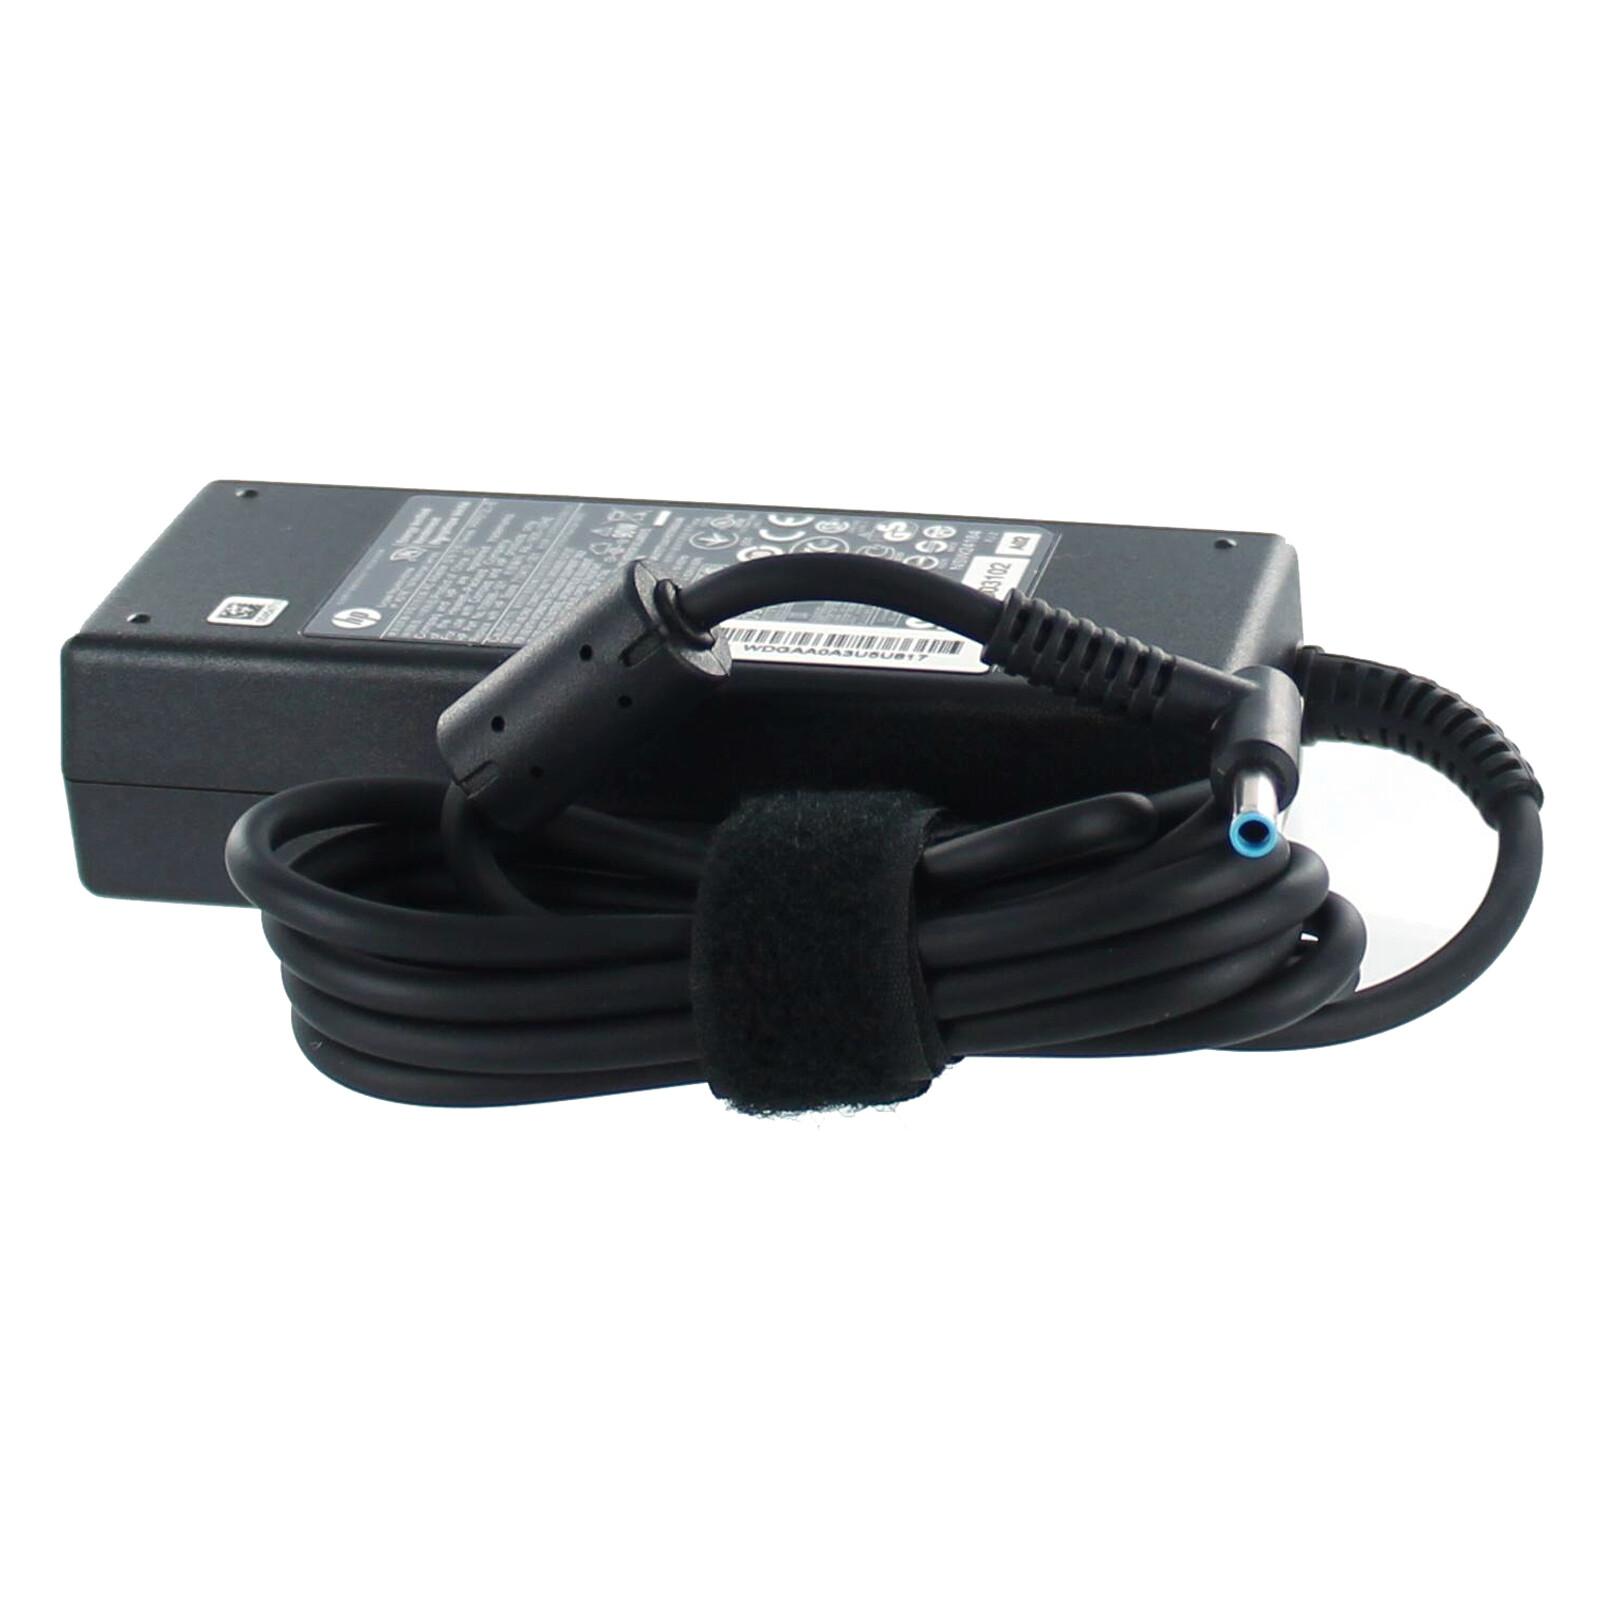 HP 14581 Original Netzteil 710413-001